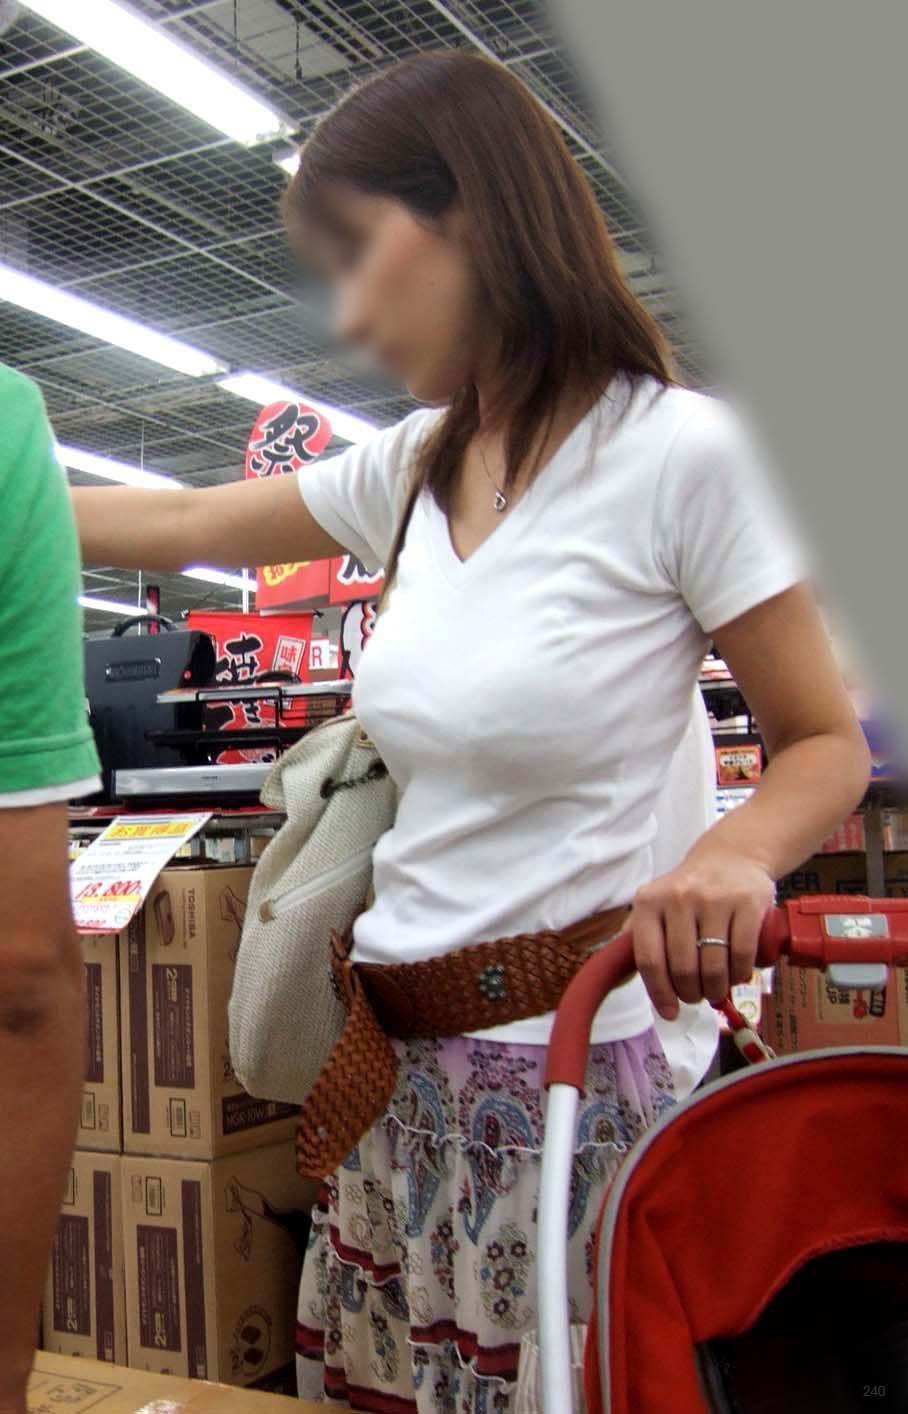 【巨乳エロ画像】東西南北どこにも乳袋w街行けば絶対拝める着衣おっぱいwww 15